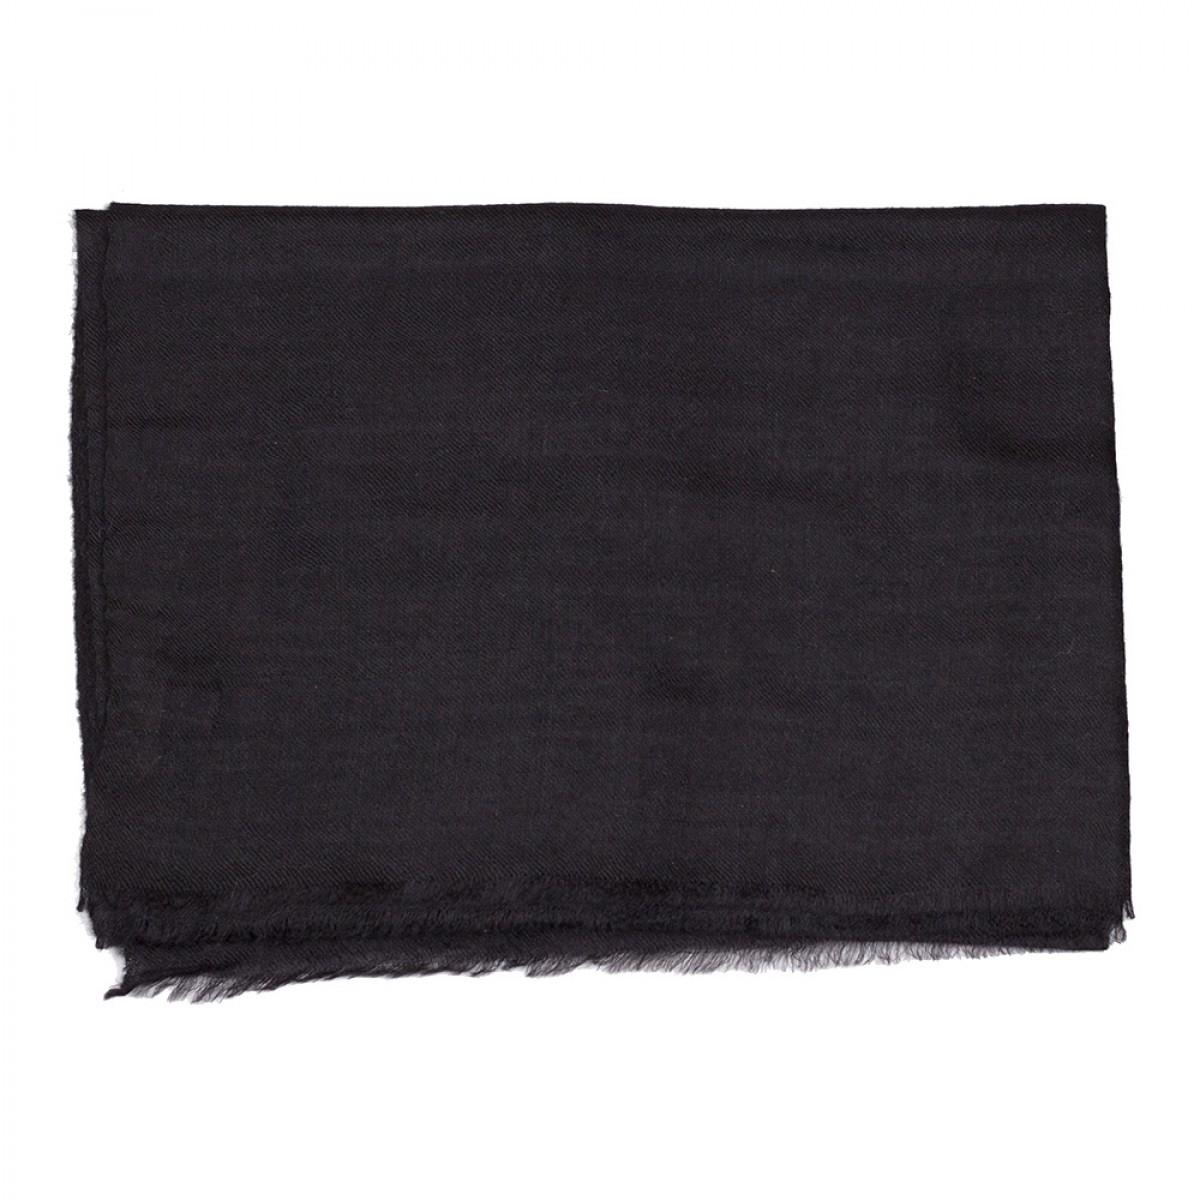 Plain Pashmina Stole - Black